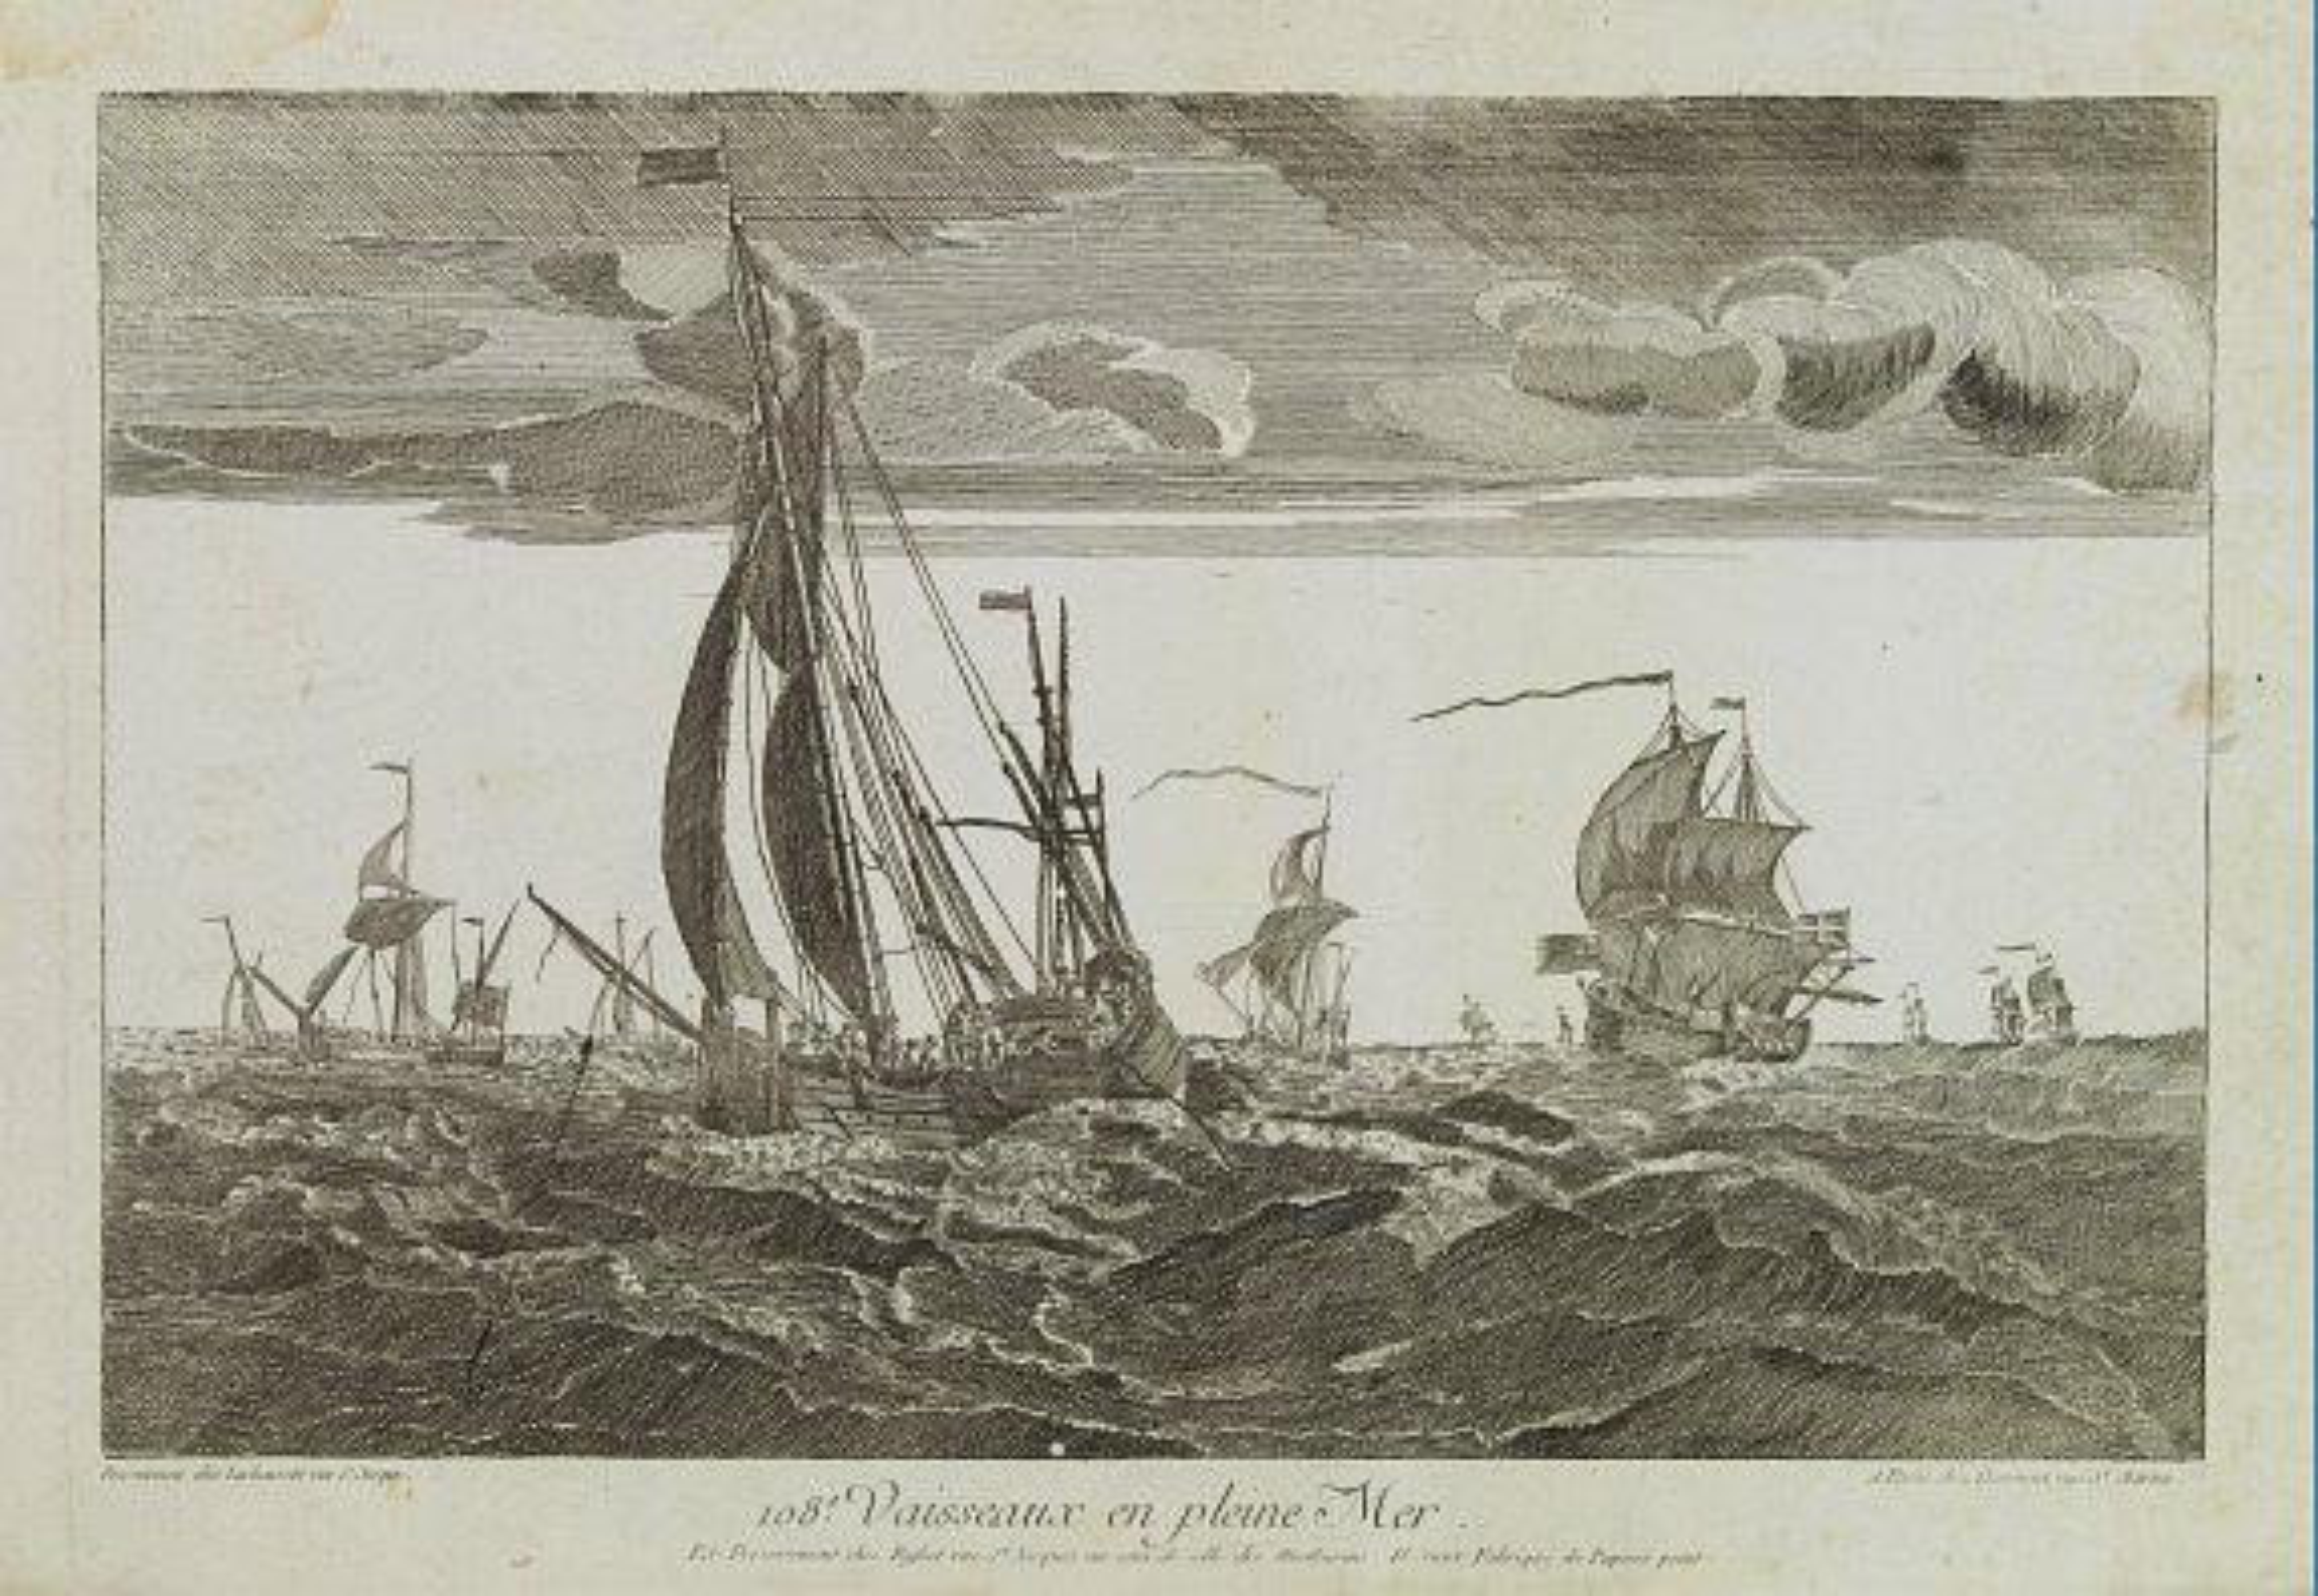 DAUMONT -  108e. Vaisseaux en pleine Mer.